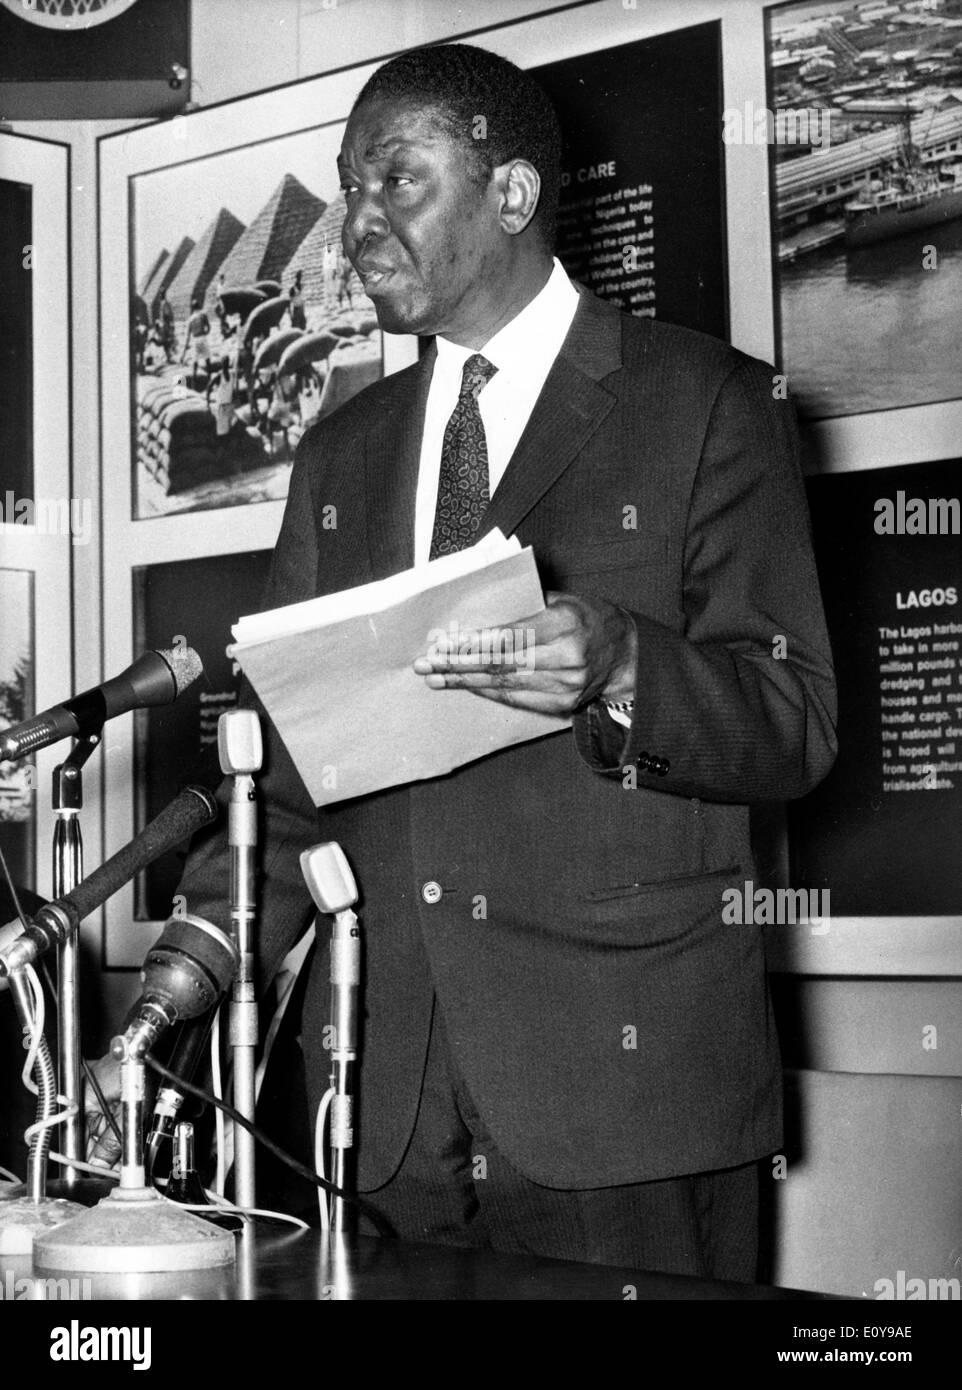 Aug 28, 1969; Londres, Reino Unido; un golpe contundente contra el Coronel Ojukwu, líder rebelde secesionista de Biafra en la guerra civil nigeriana, Imagen De Stock